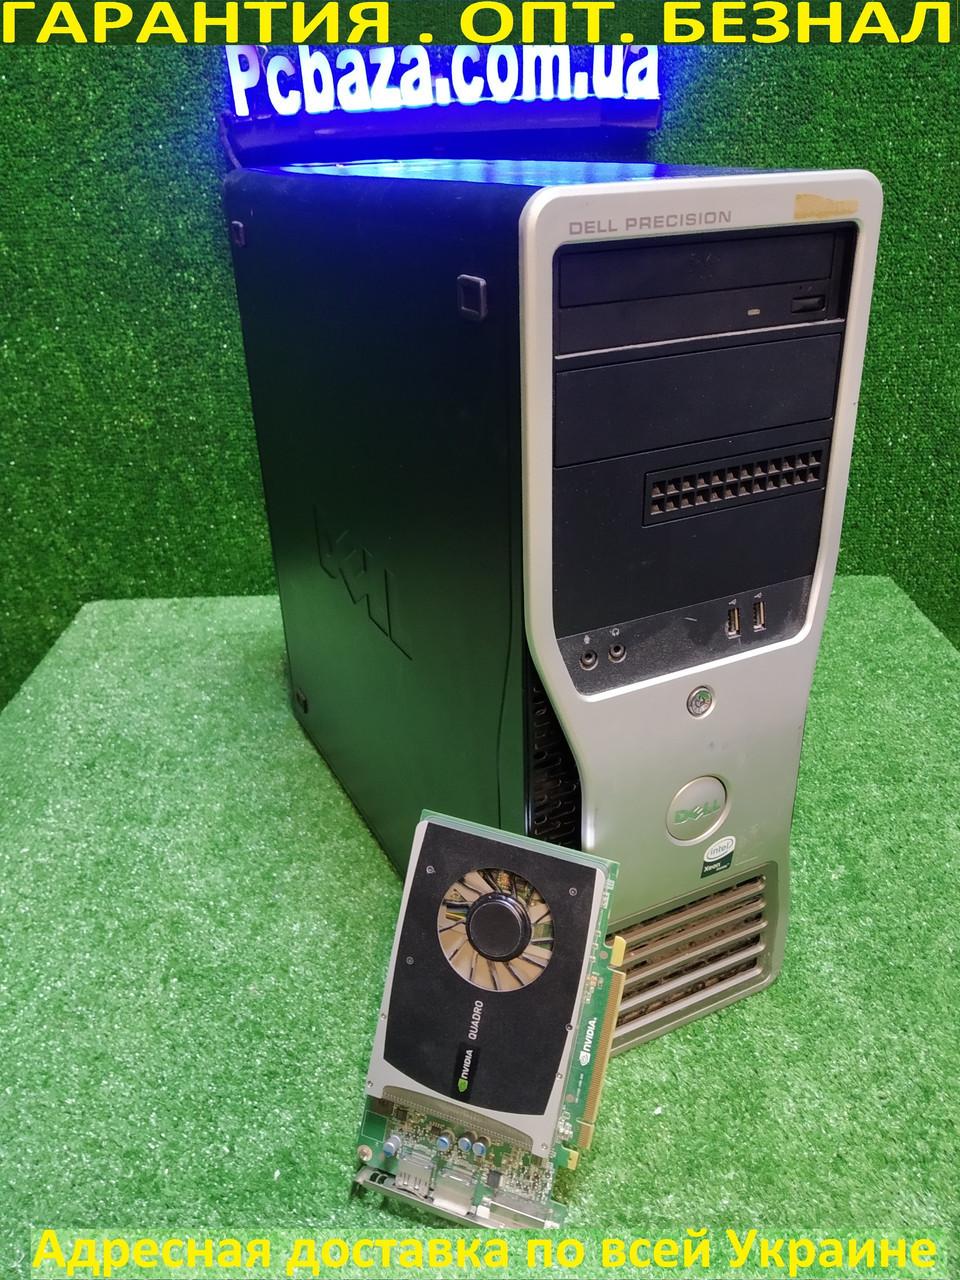 Dell Precision t3500 4 ядра 8 потоков Xeon W3530 2.8-3.06, 12 ГБ DDR3, 500 ГБ HDD, Quadro 2000 1 gb DDR5